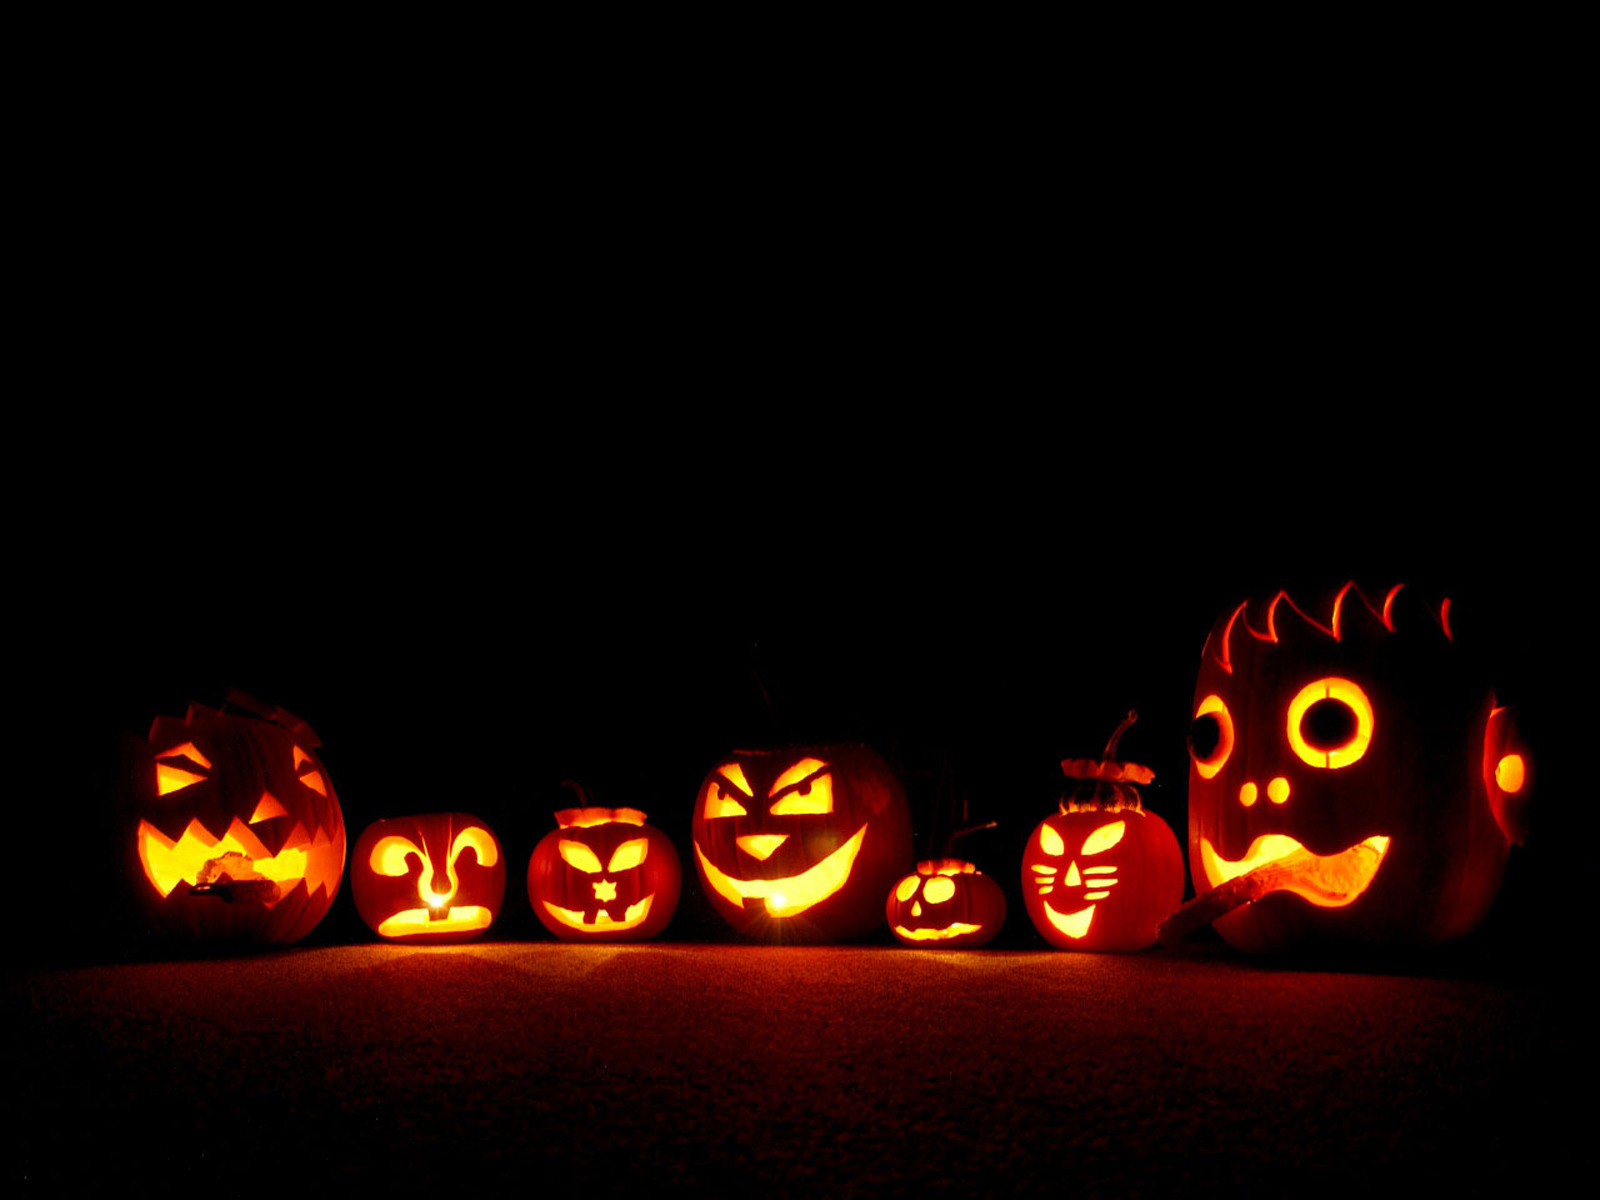 Halloween Pumpkins HD Wallpapers Widescreen 1600x1200